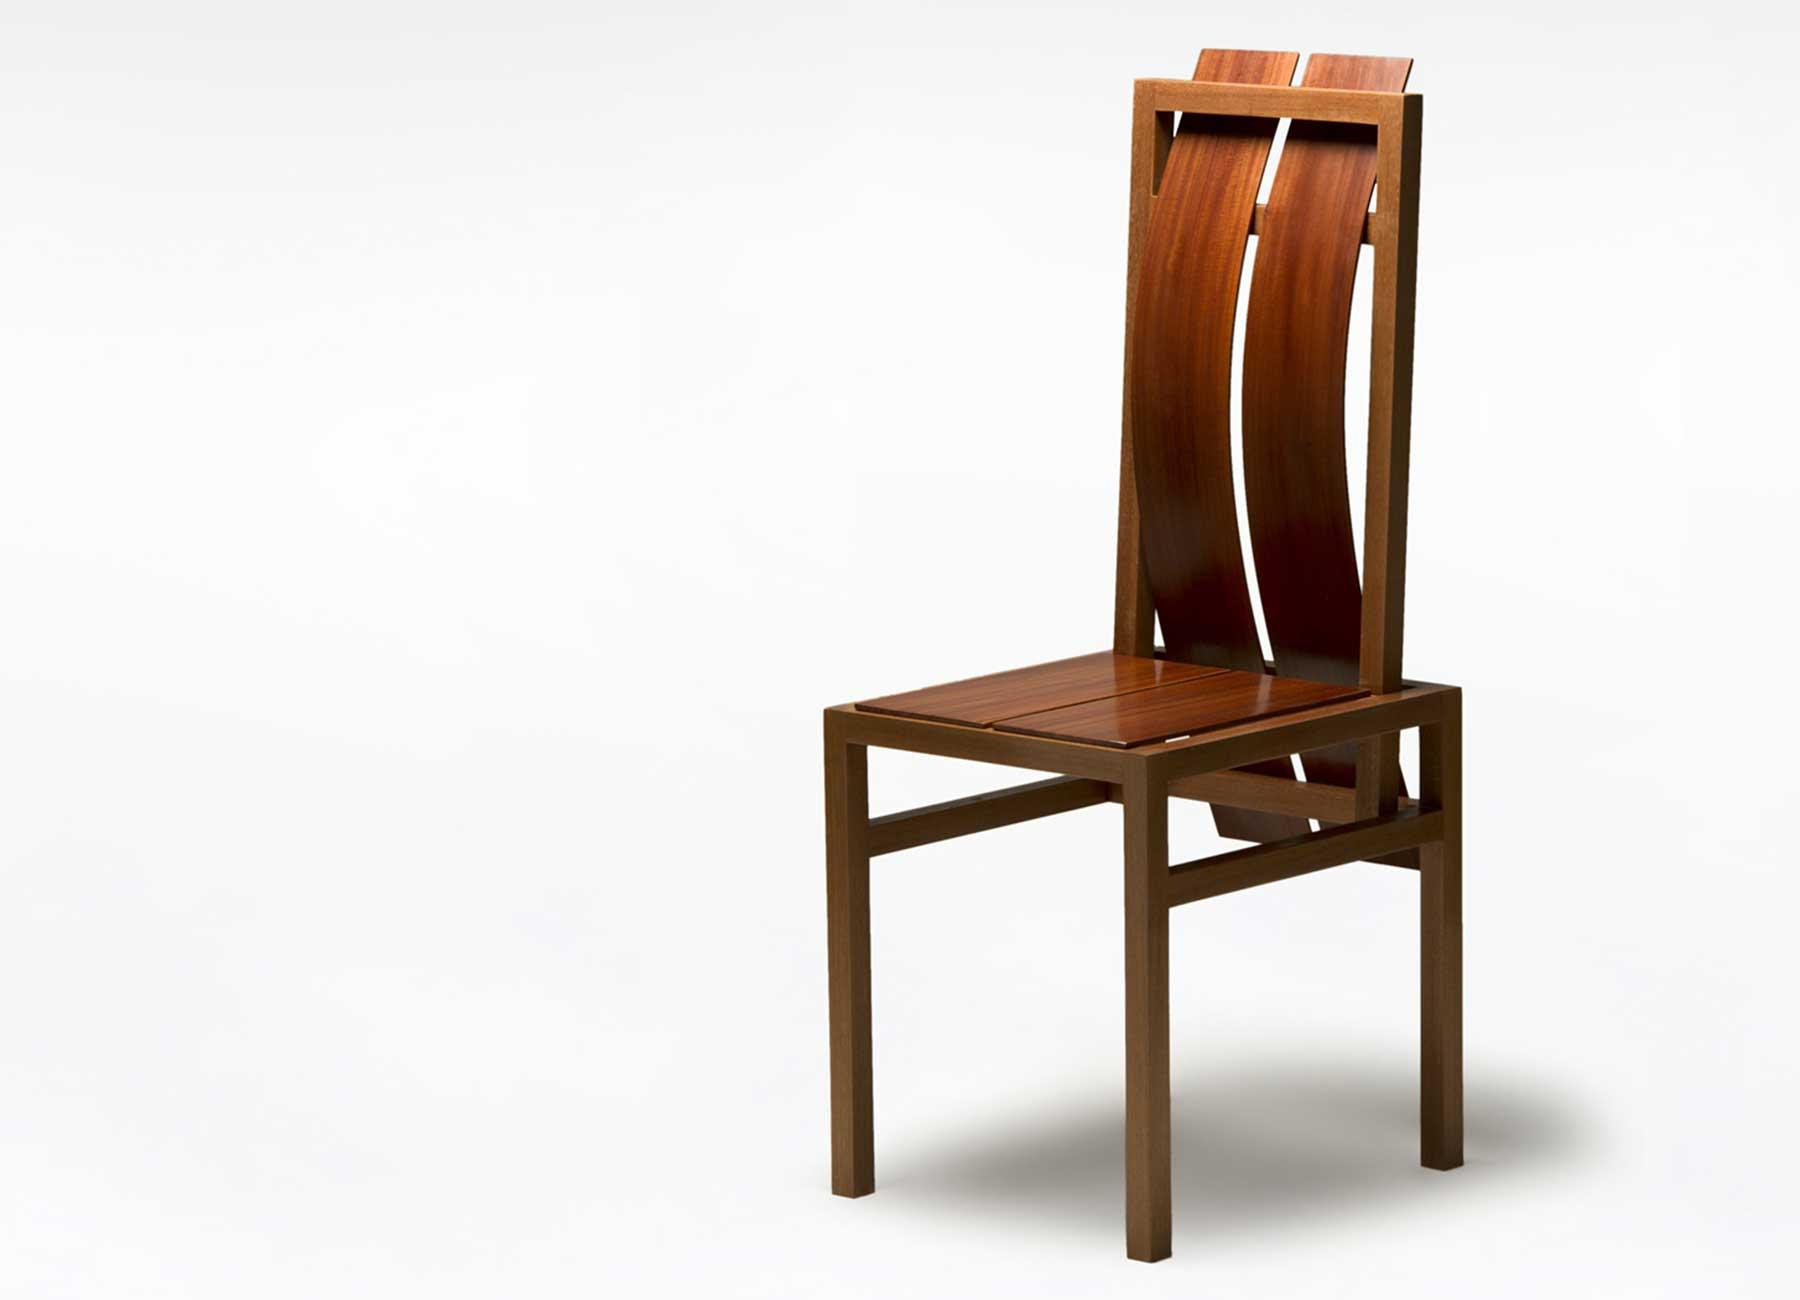 Sedia di design curva legno massello marrone